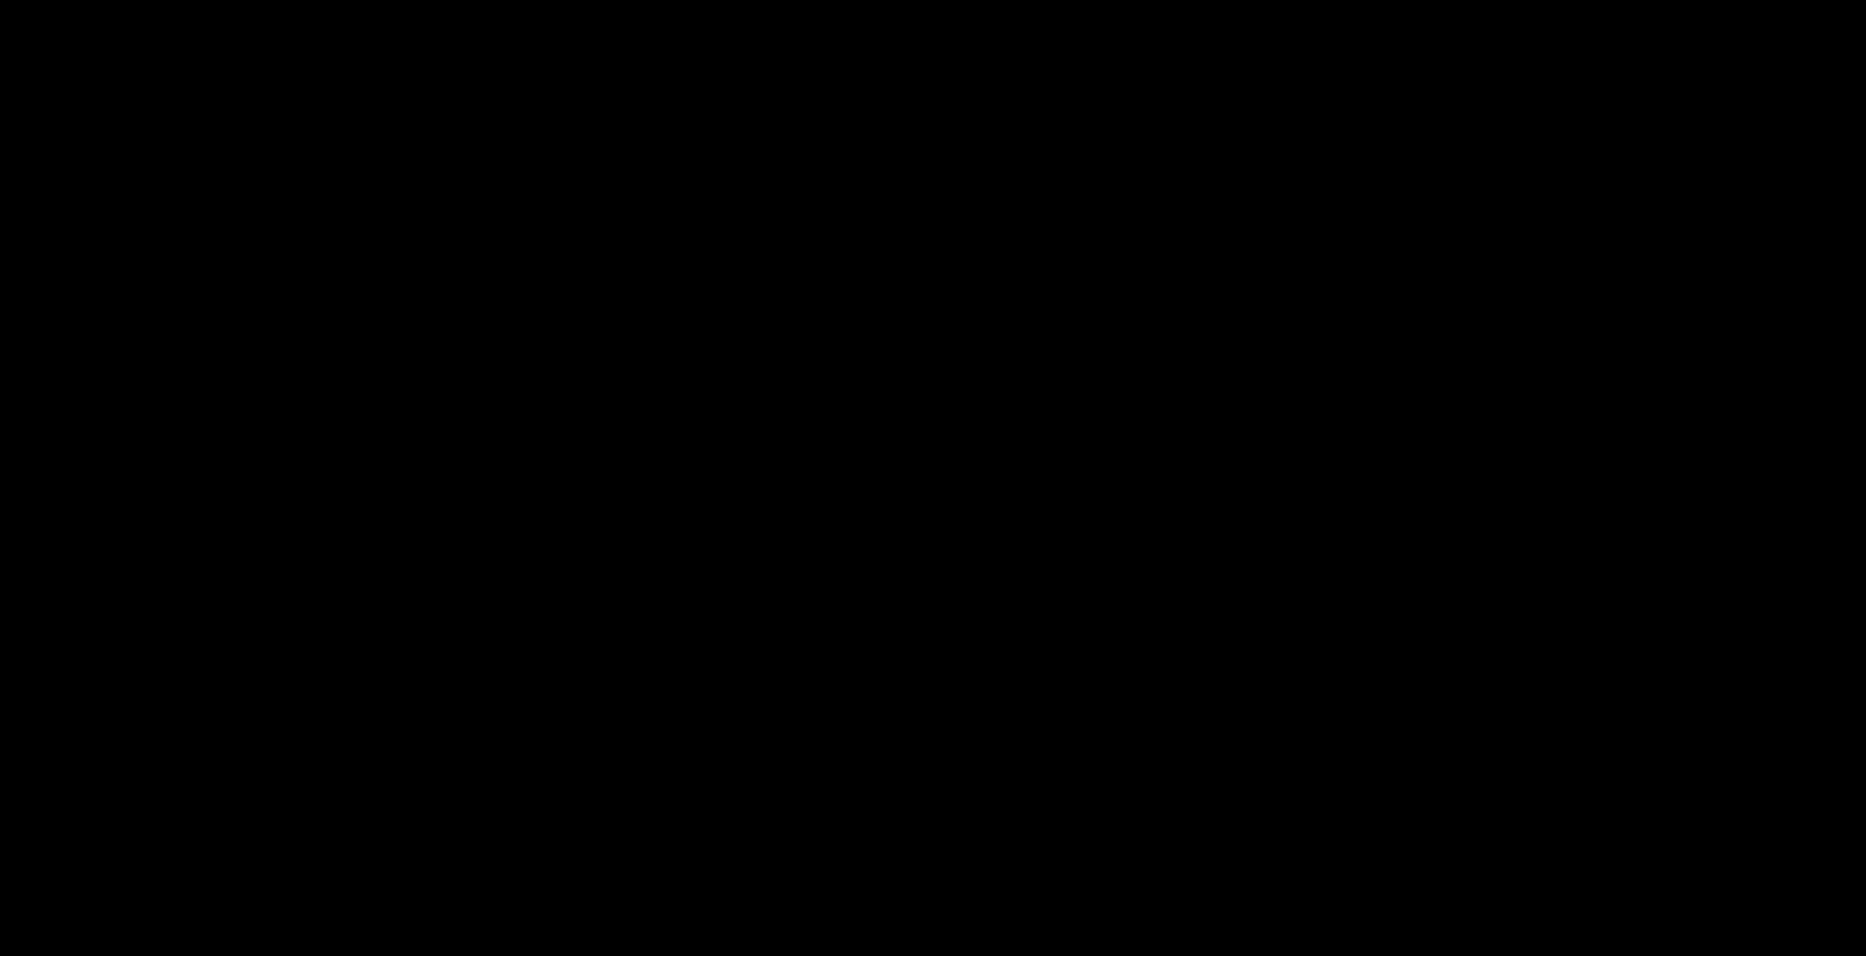 S-[2-(N7-Guanyl)ethyl]glutathione Sodium Salt > 85%